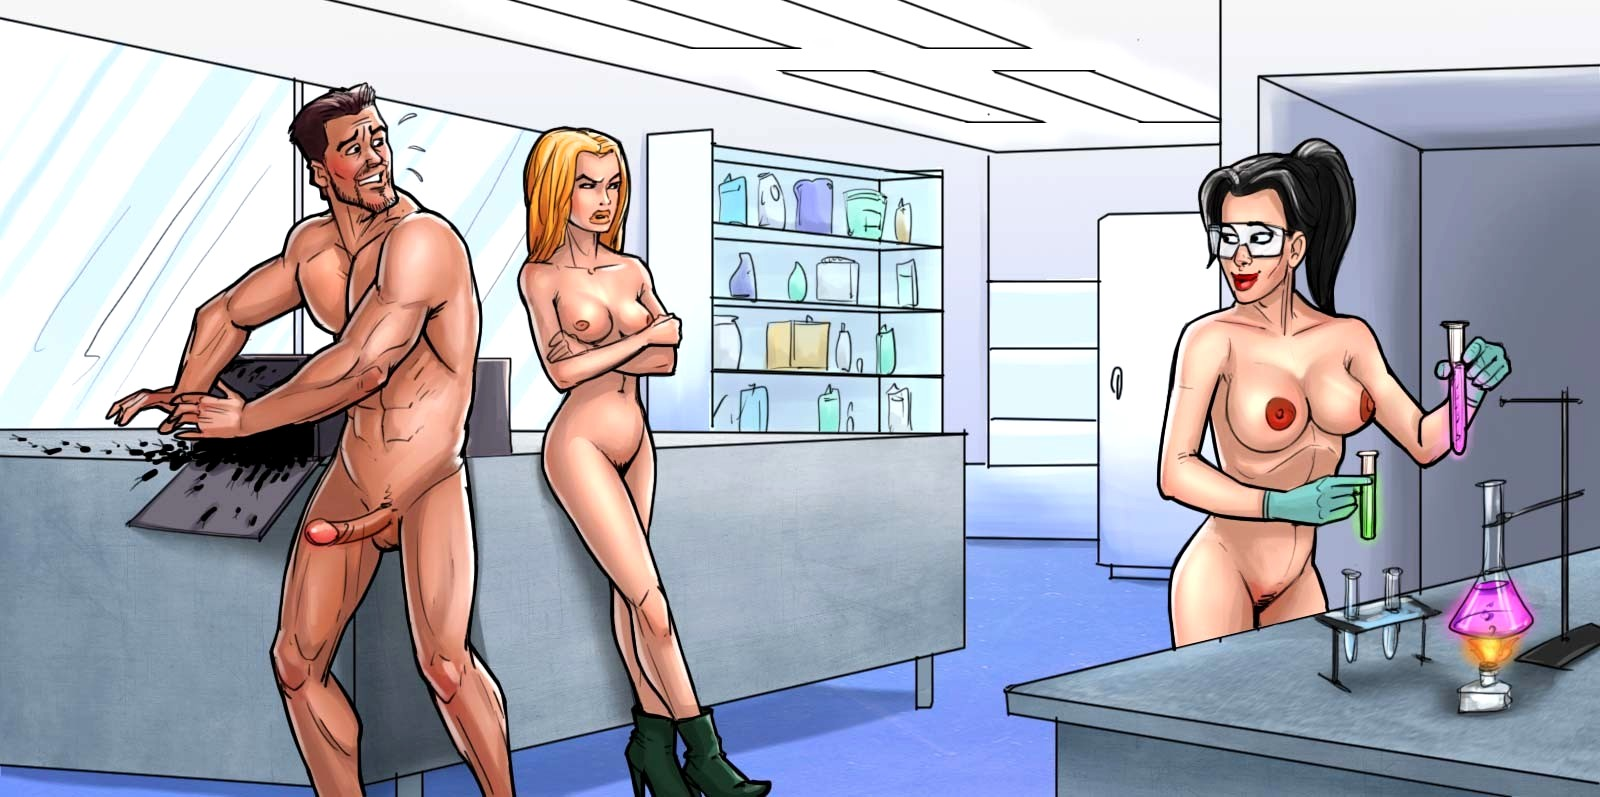 Прикольные игры для взрослых секс, услуги госпожи проститутки в екатеринбурге